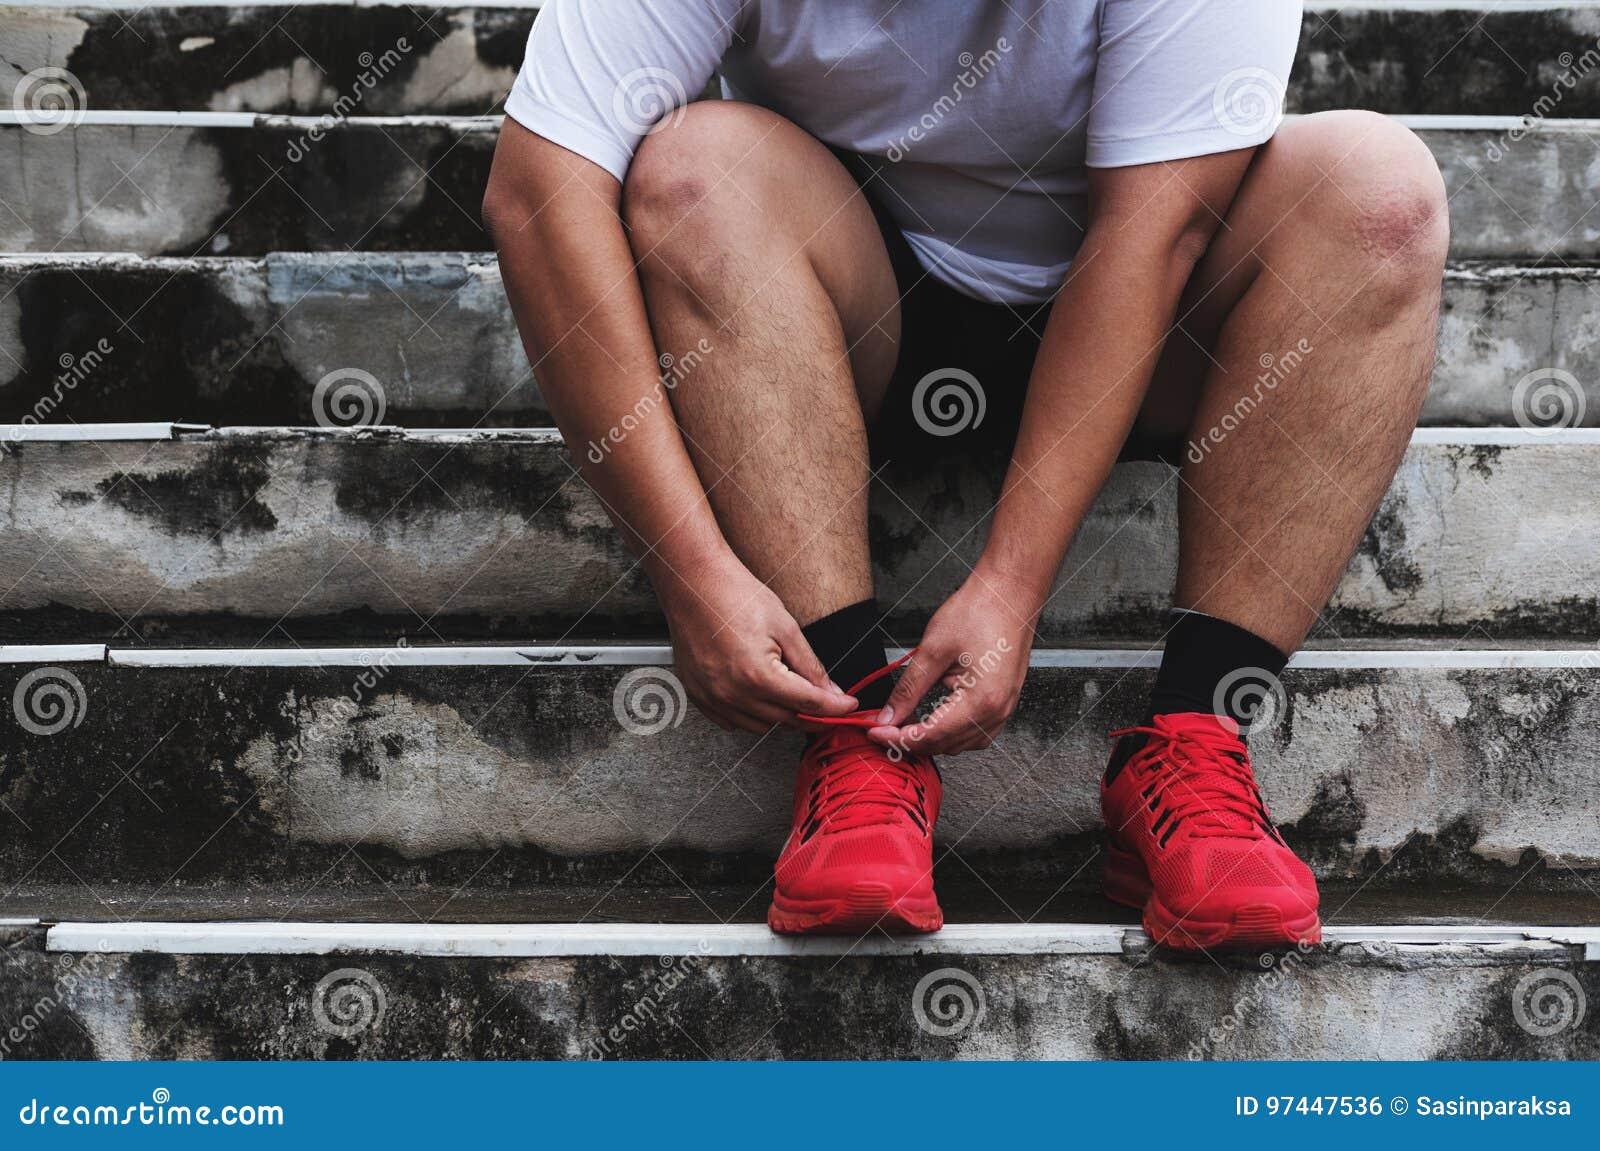 Asiatique Guy Tying Running Shoe, se préparant au fonctionnement au poids perdant